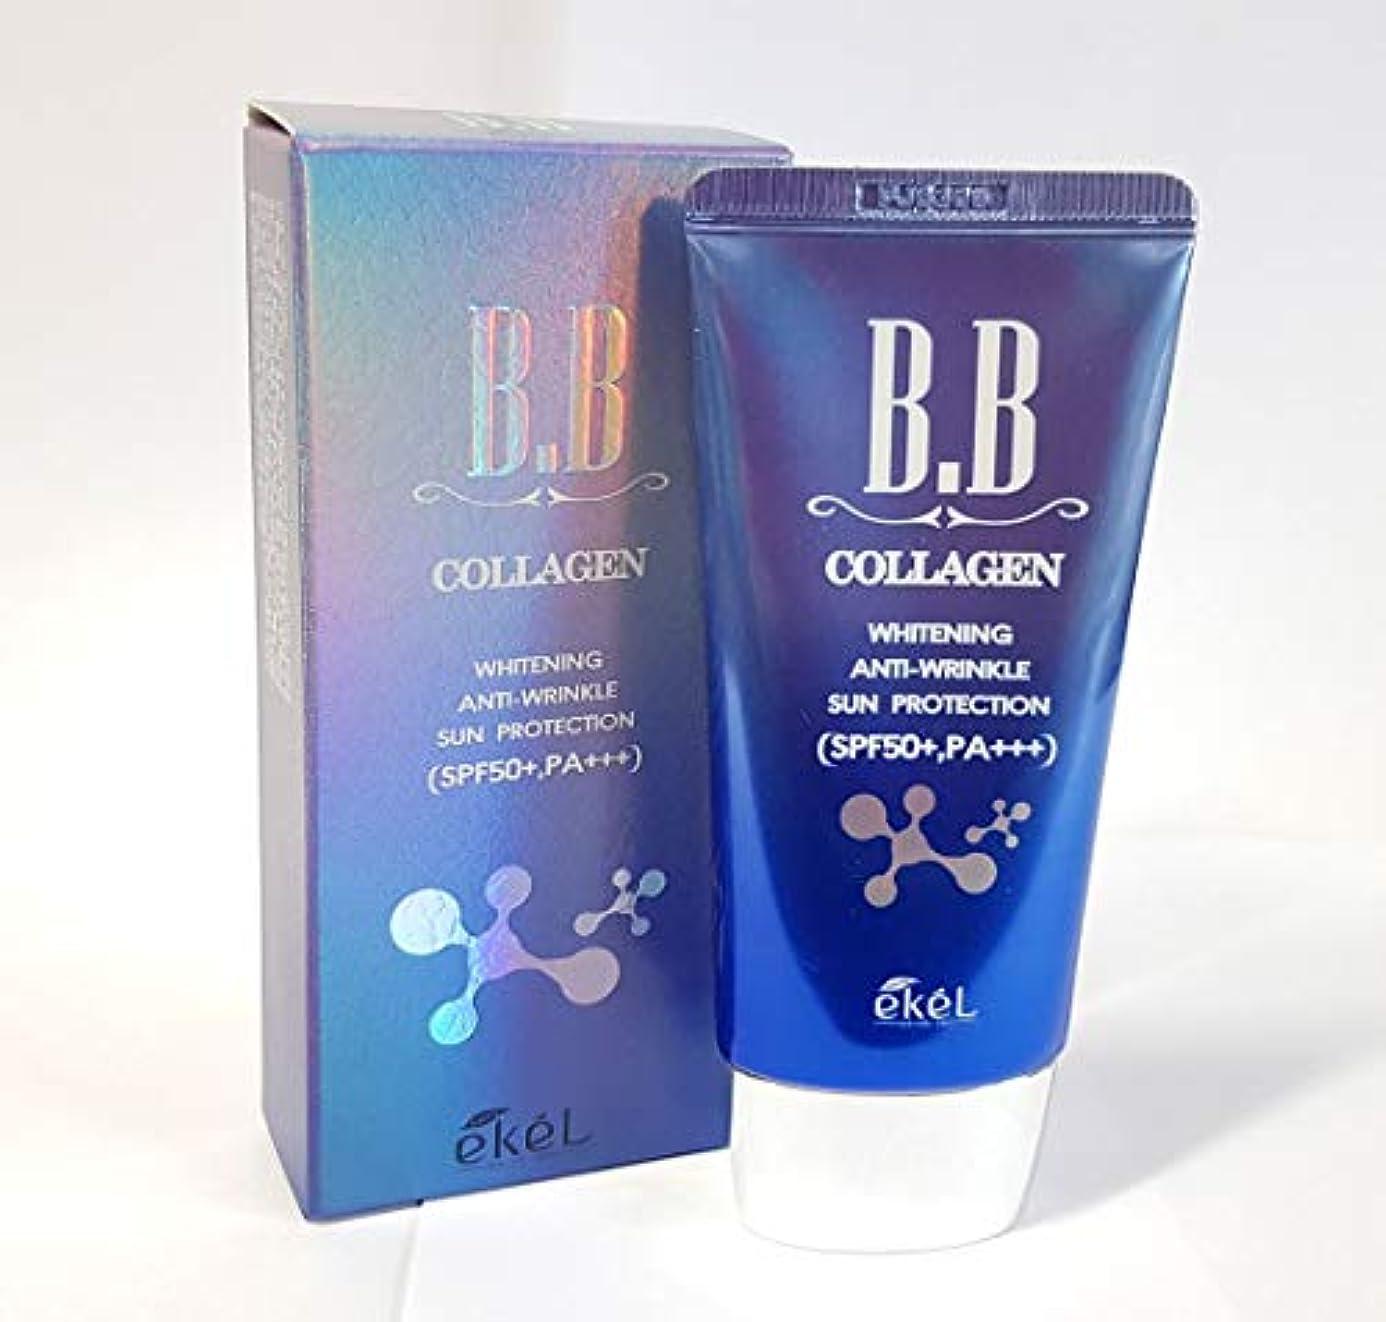 回転させる道徳厚くする[EKEL] コラーゲンBBクリーム50ml / Collagen BB Cream 50ml / SPF50+,PA+++ / ホワイトニング、アンチリンクル、サンプロテクション/Whitening, Anti-Wrinkle...